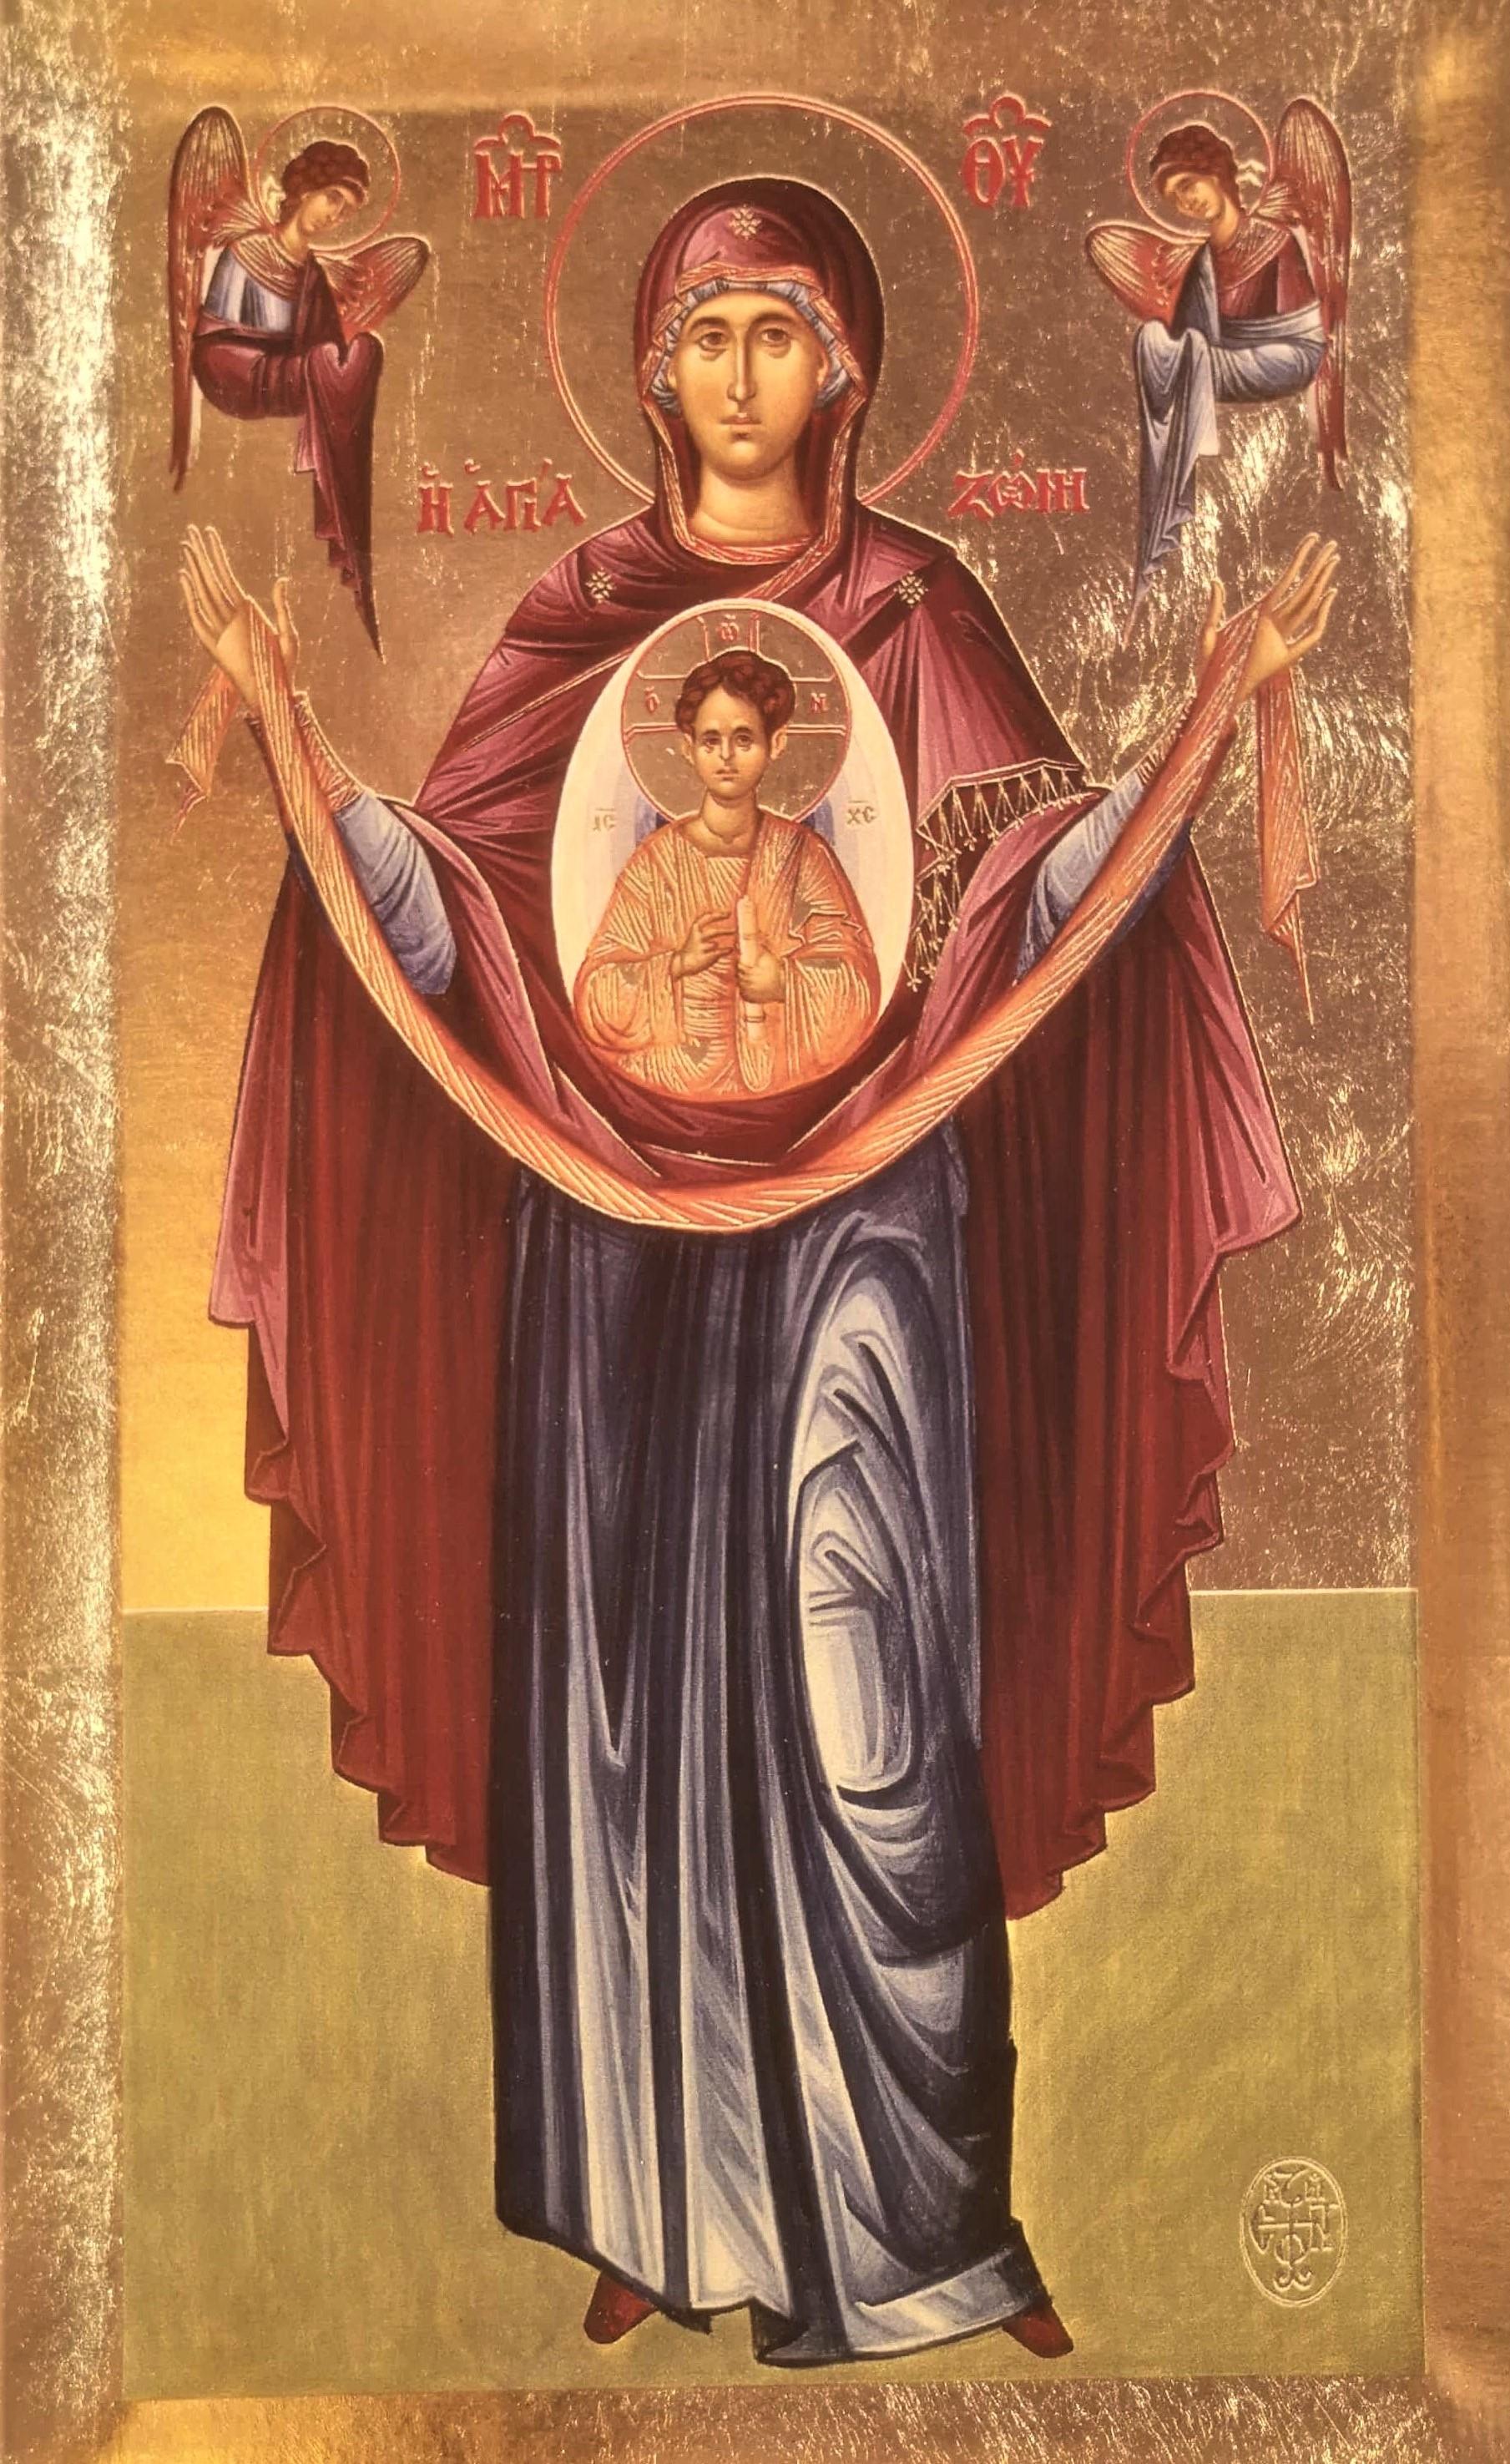 Icoana Sfantul Brau al Maicii Domnului de la Manastirea Xenofont - Icoana cu foita de aur si matase pe lemn (reproducere)